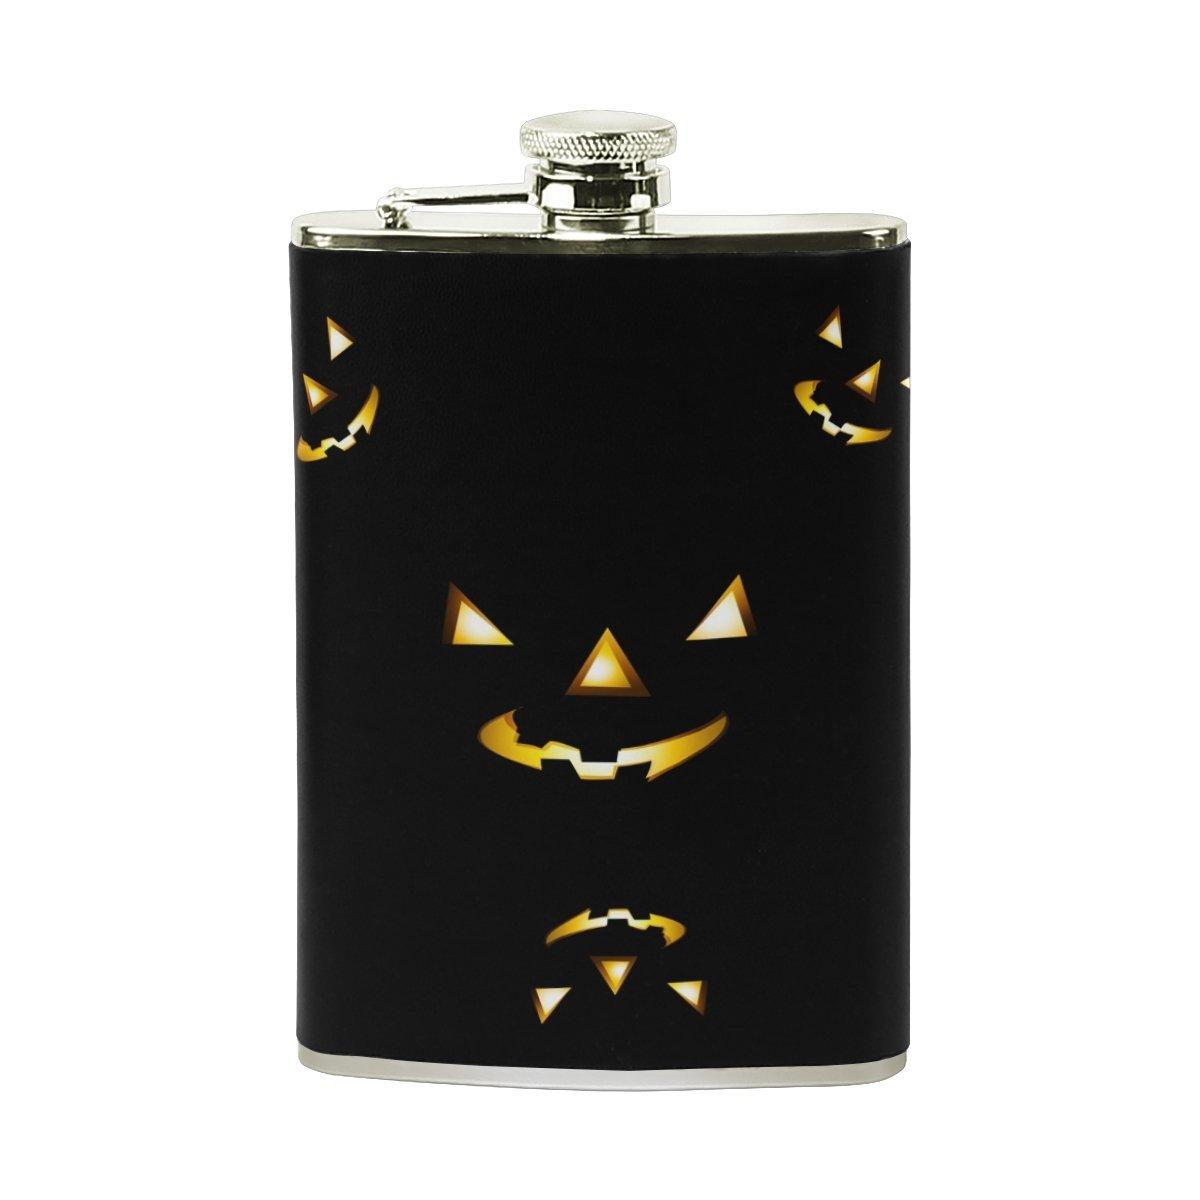 ハロウィンシュガースカルヒップフラスコステンレススチールポケットボトルセットレザー男性女性Wrapped Liquor Shot Drinking 15.6cm*9.6cm (H*L) FENNEN-10  Select Color 1 B07G17JVF9